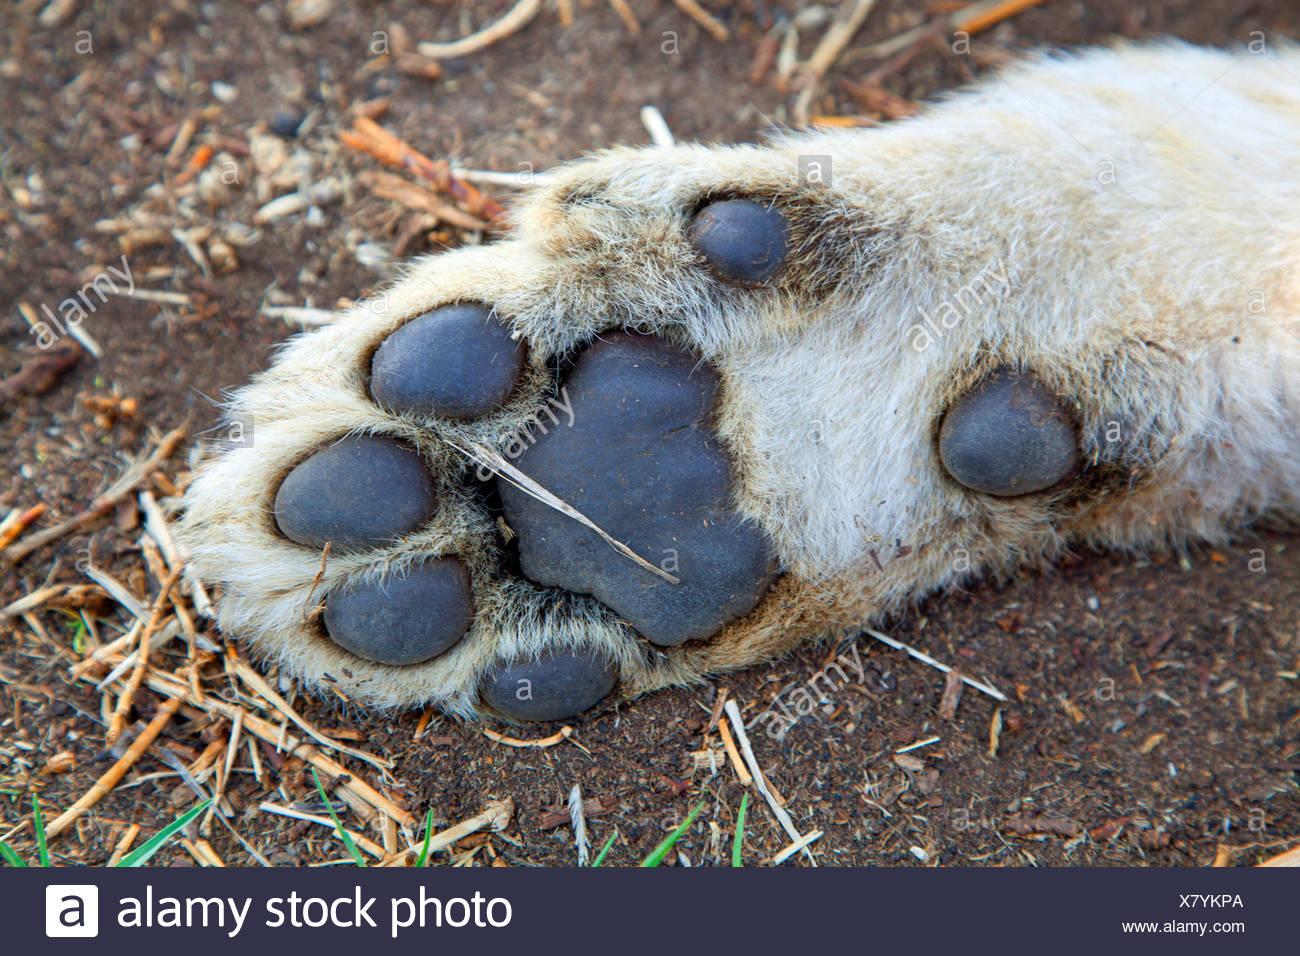 Löwe (Panthera Leo), Löwenjunges, unten von einem Löwen Fuß, Südafrika Stockbild